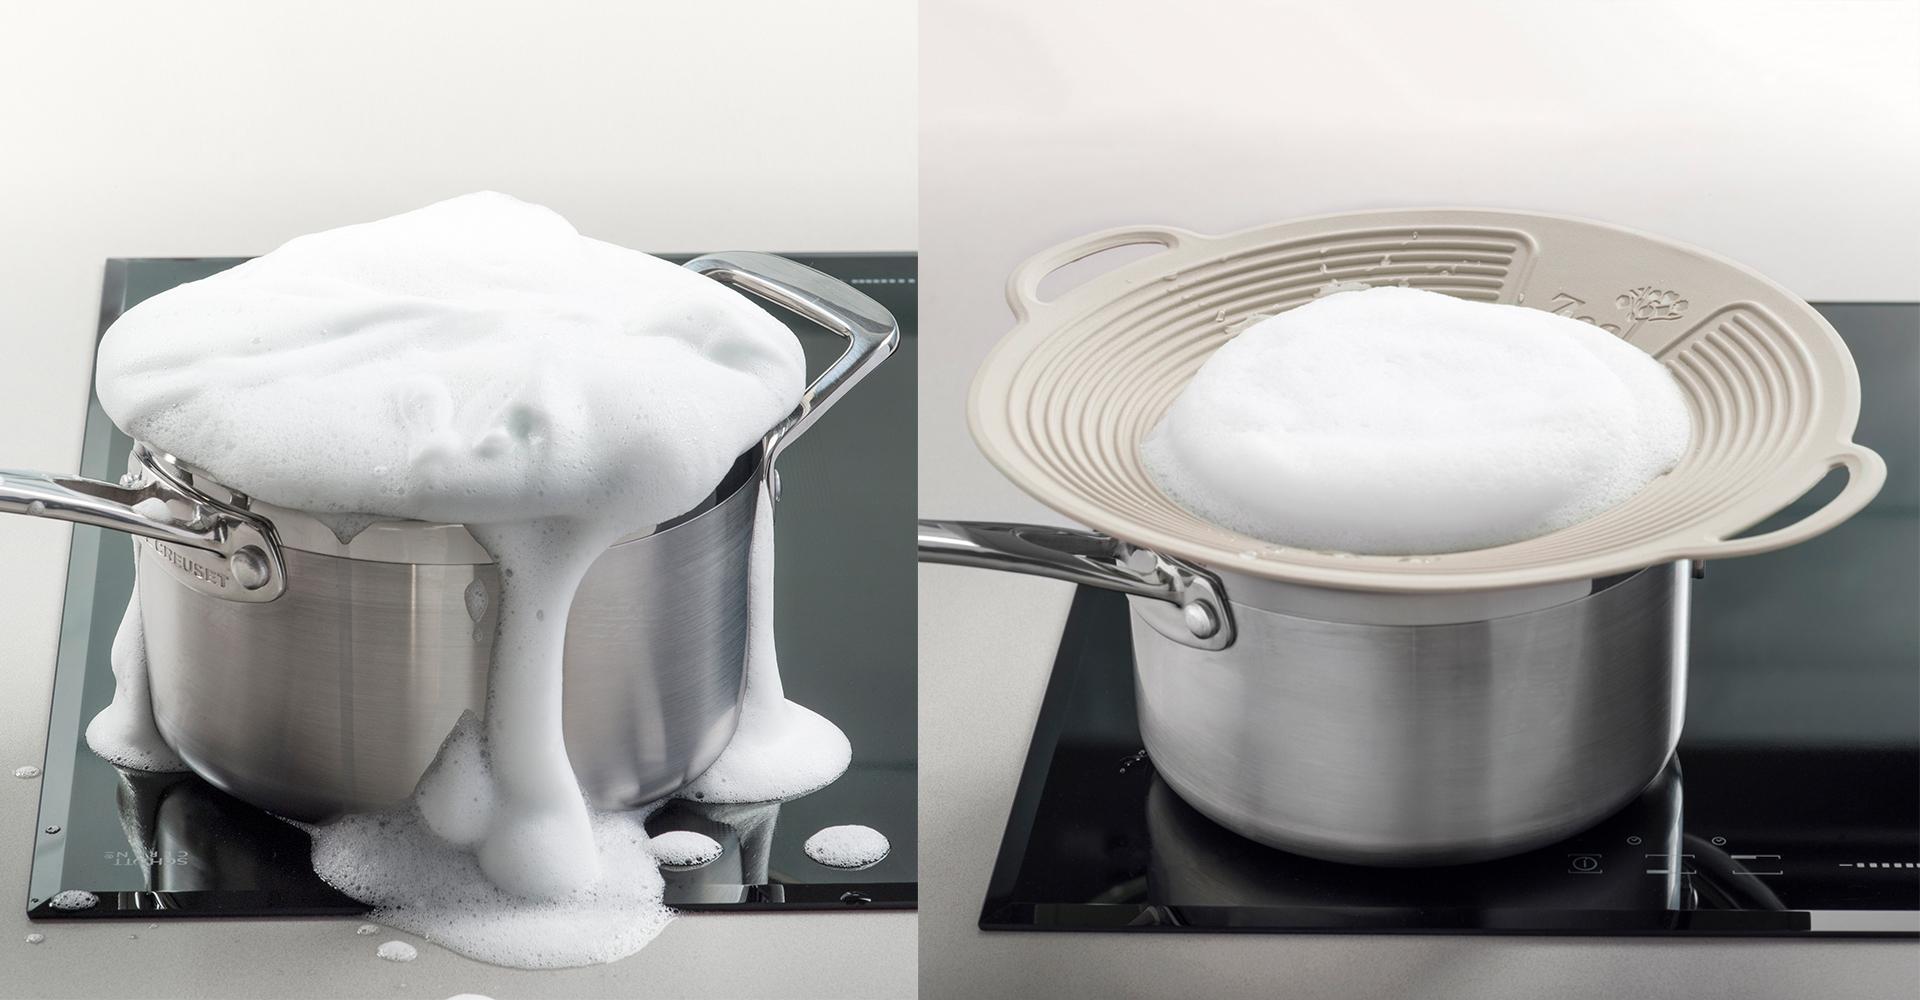 CKS Zeal 2018 range| CKS - Zeal - Boil over lid - Froth - Spillage - Cooking - Design - Pan - Lid - Stove - Mess - Lecreuset